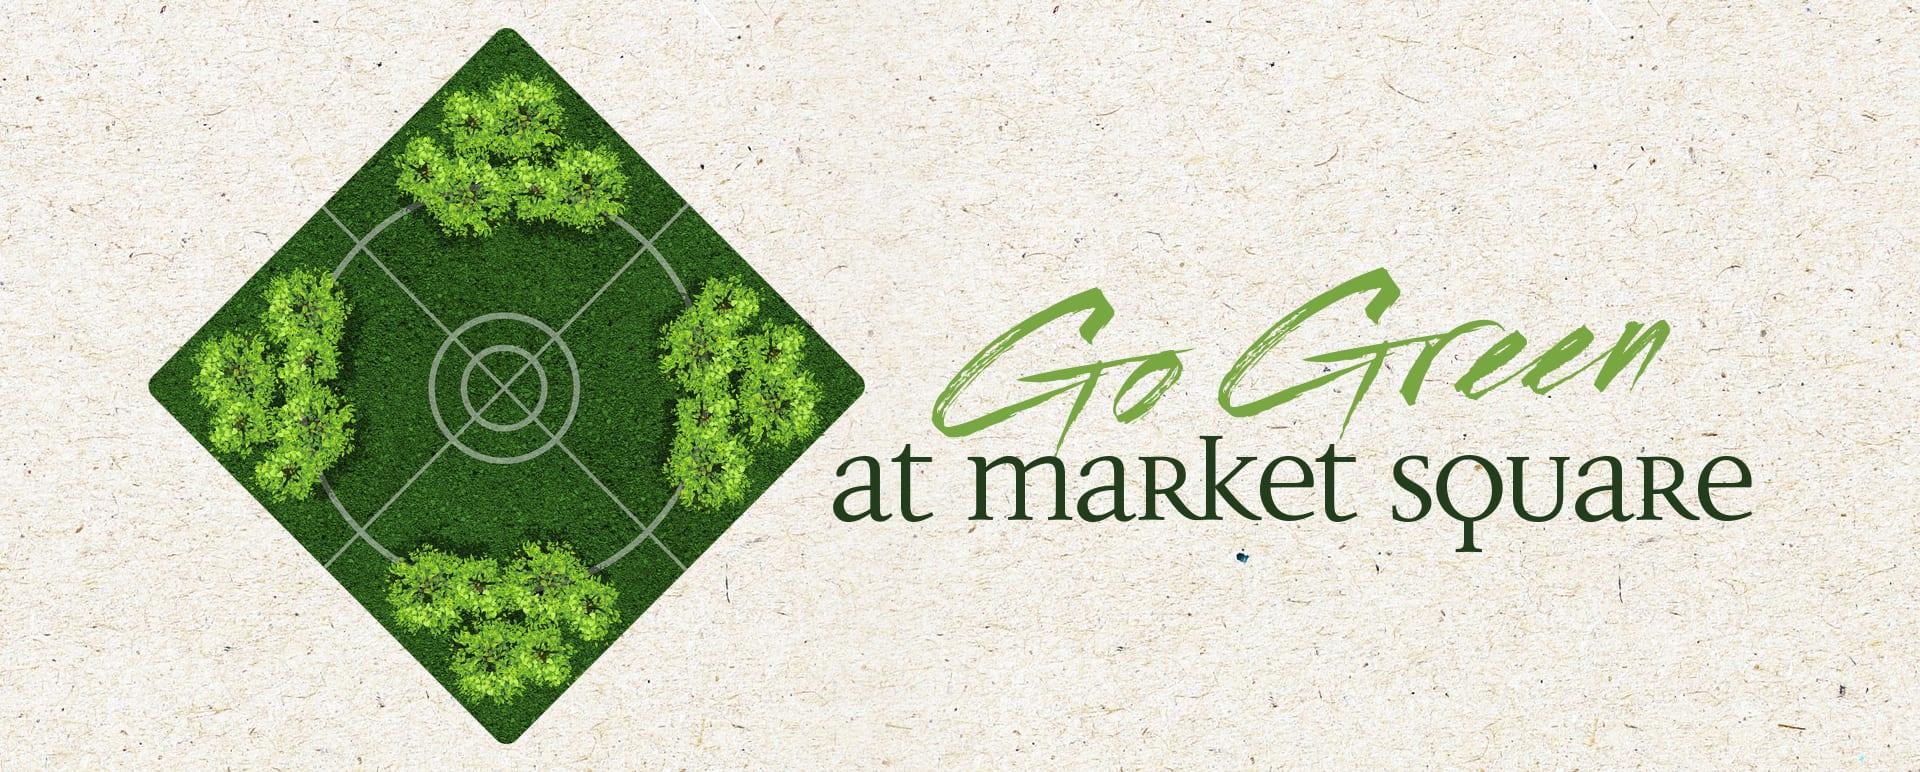 Go Green in Market Square